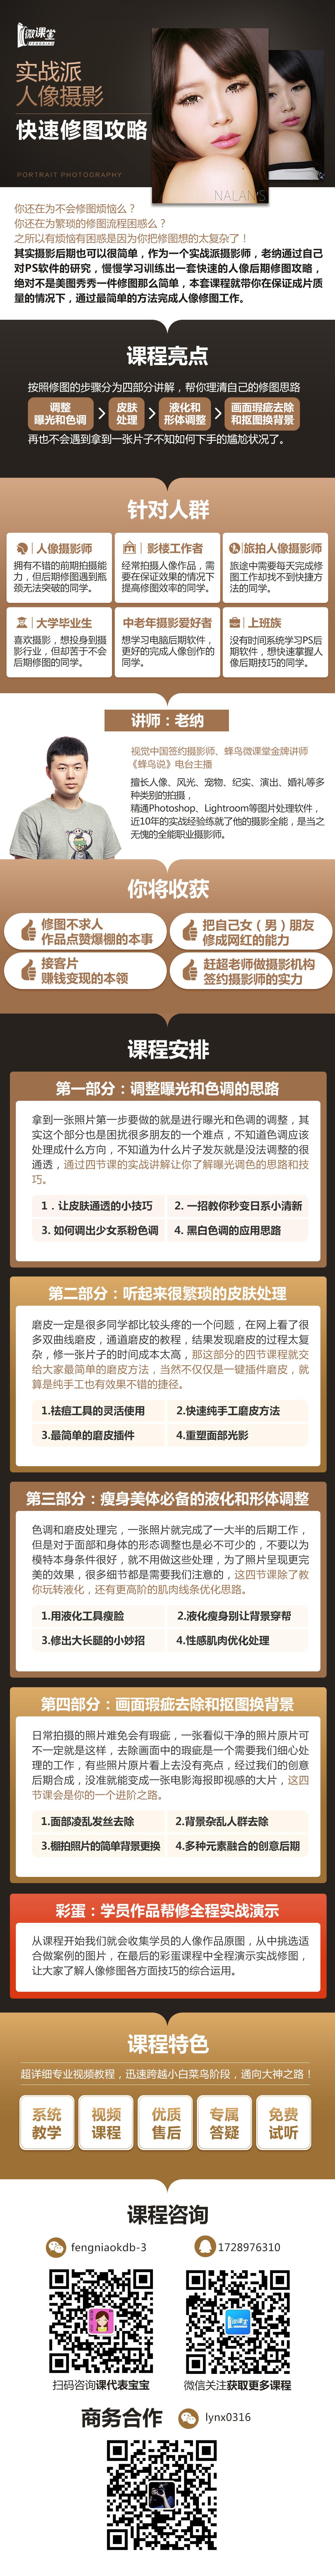 课程详情图(1).jpg